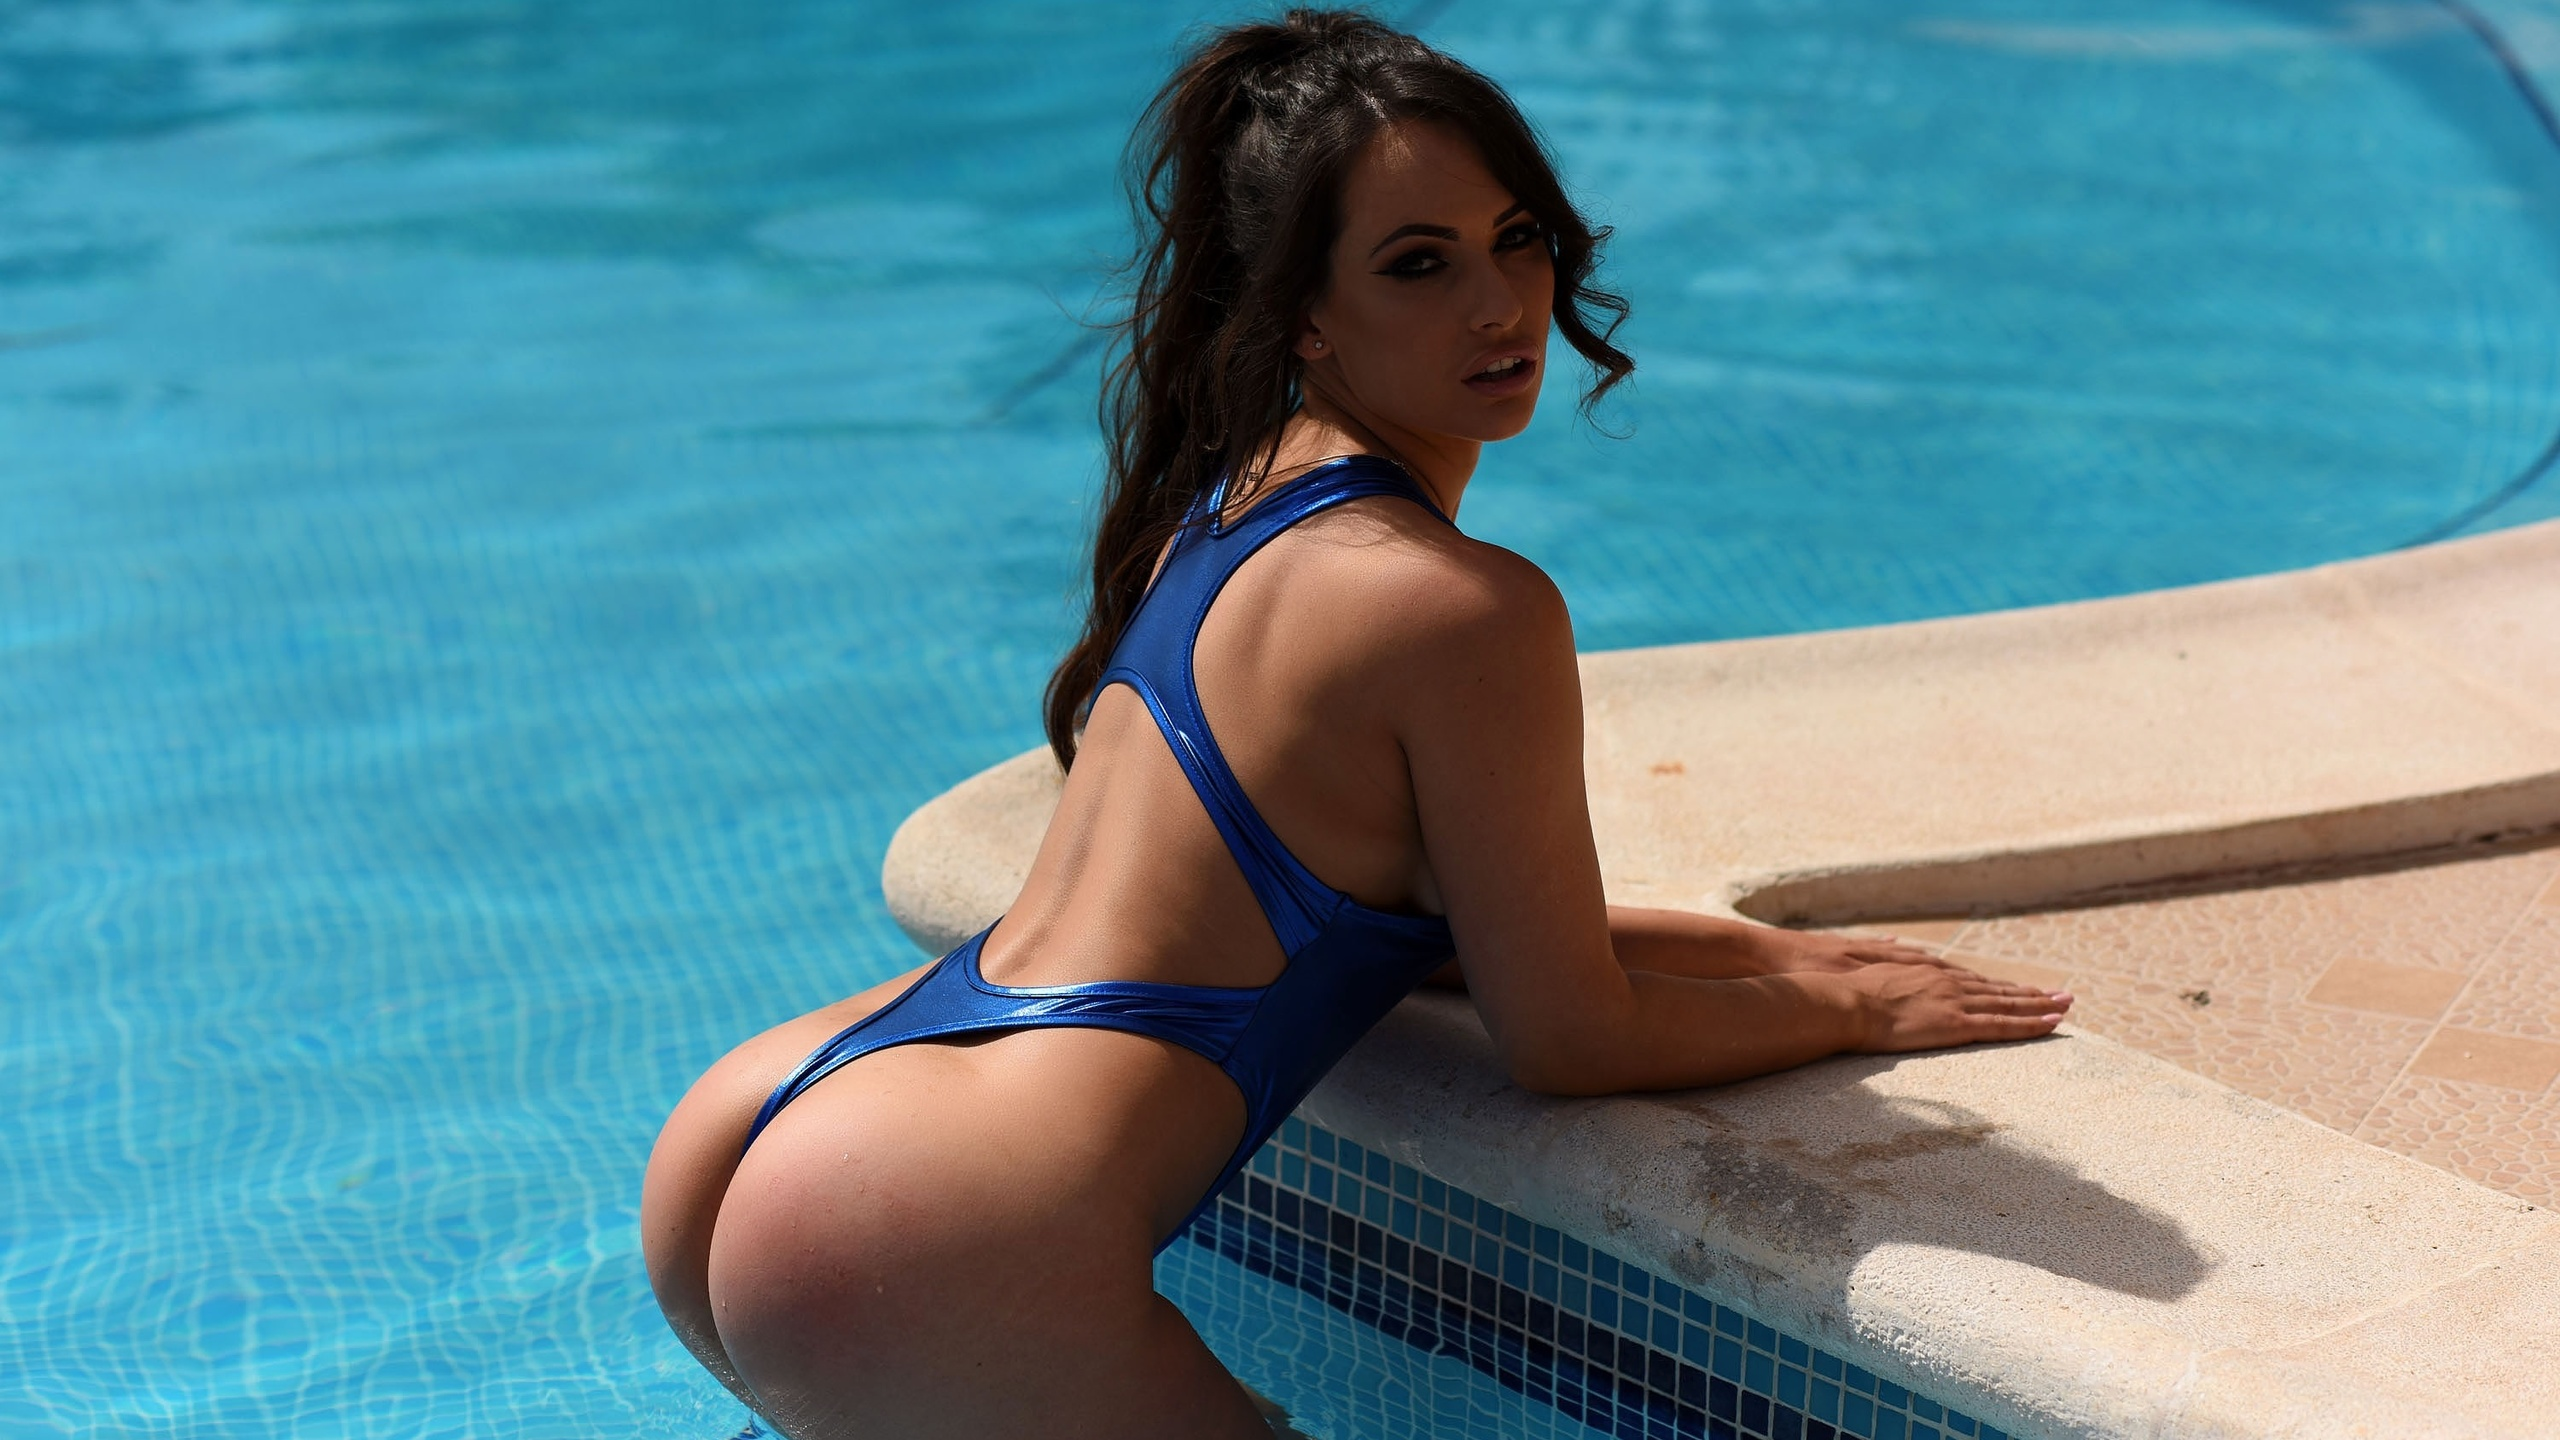 секс грудастая девушка дрочит около бассейна именно